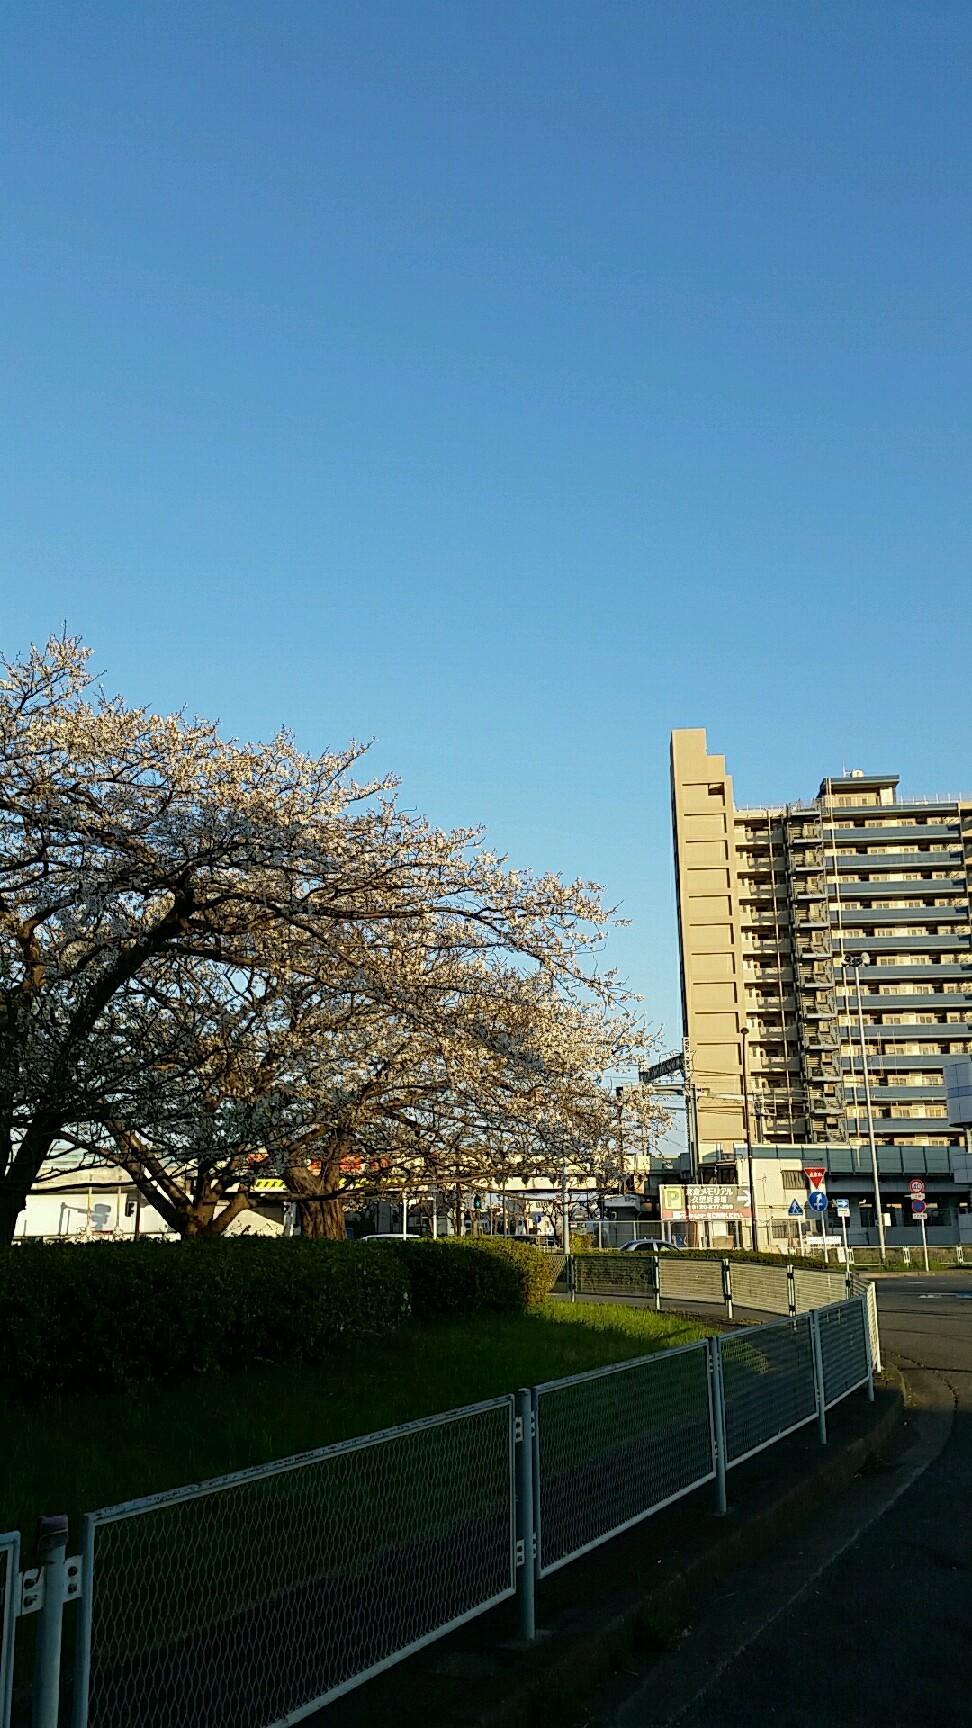 桜がキレイです。なん..._d0092901_23005937.jpg